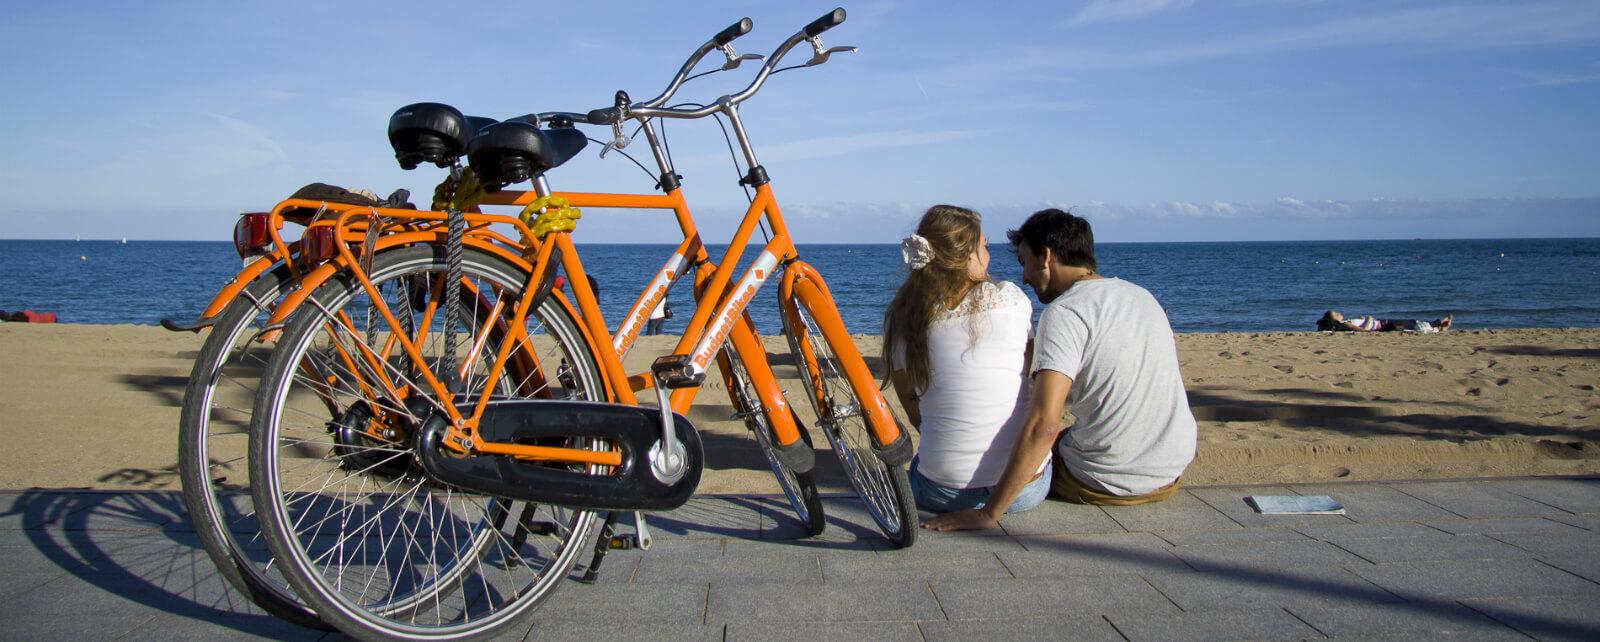 BCN bike tour